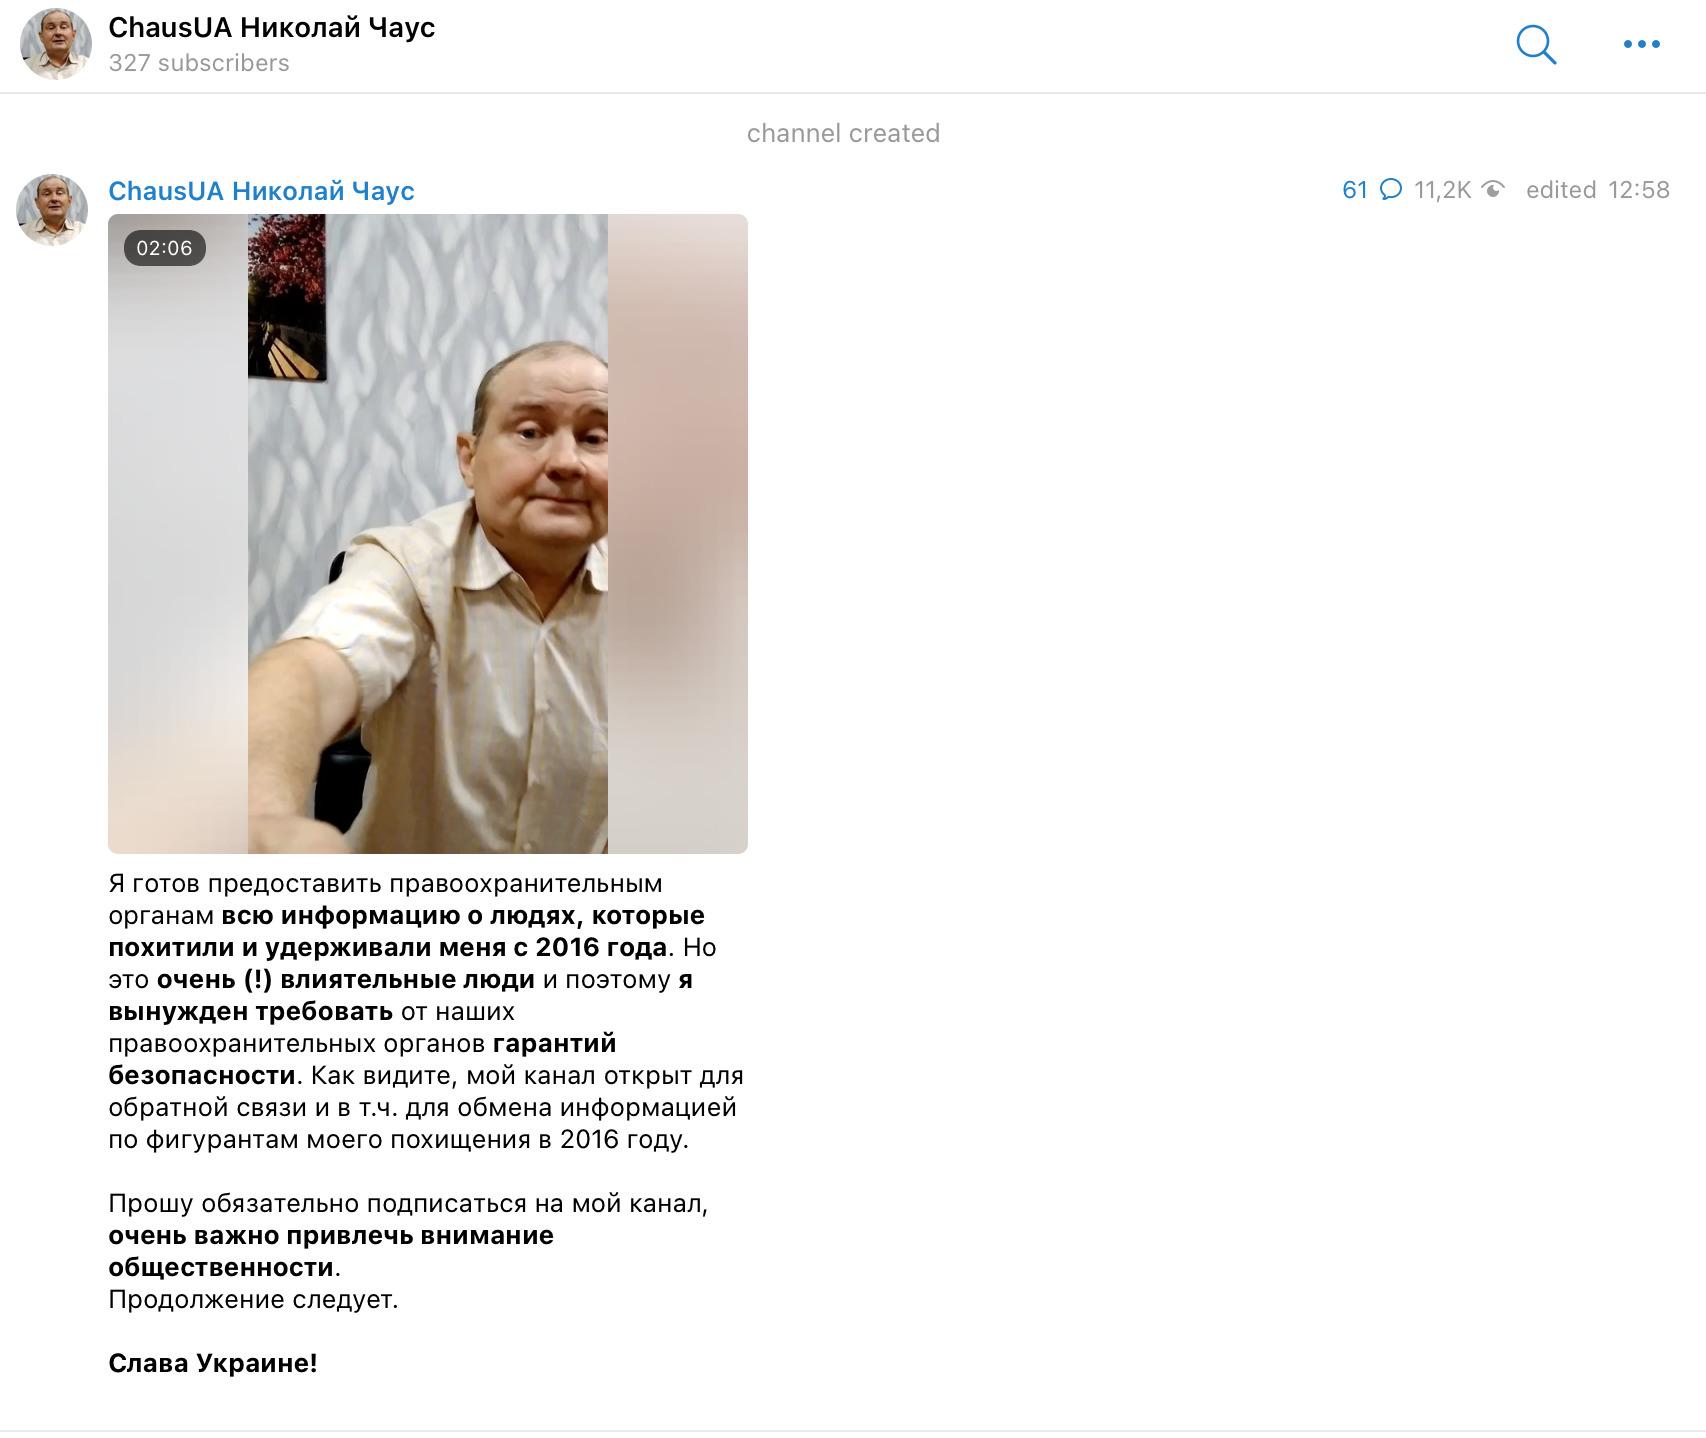 «Похищение было, но несейчас». Всети появилось видео сзаявлением украинского экс-судьи Чауса (ВИДЕО)